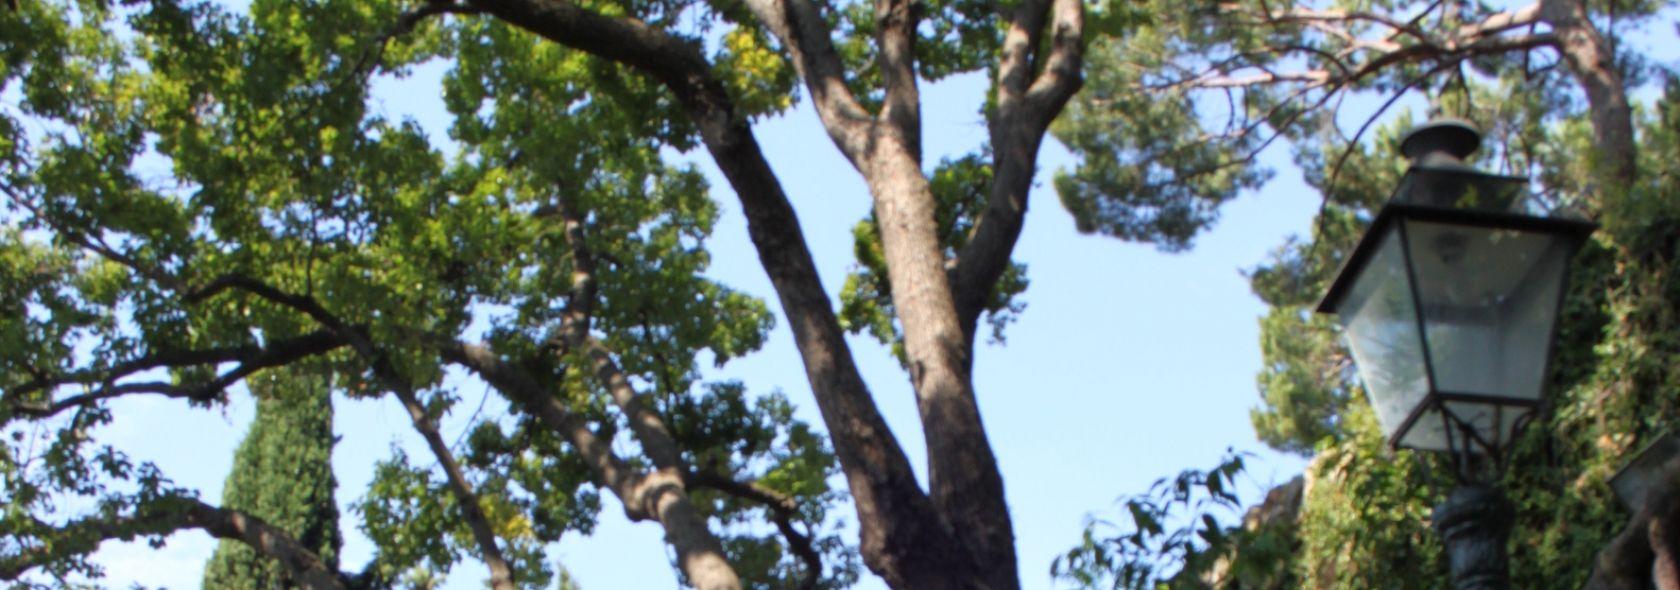 Villetta di Negro - alberi monumentali